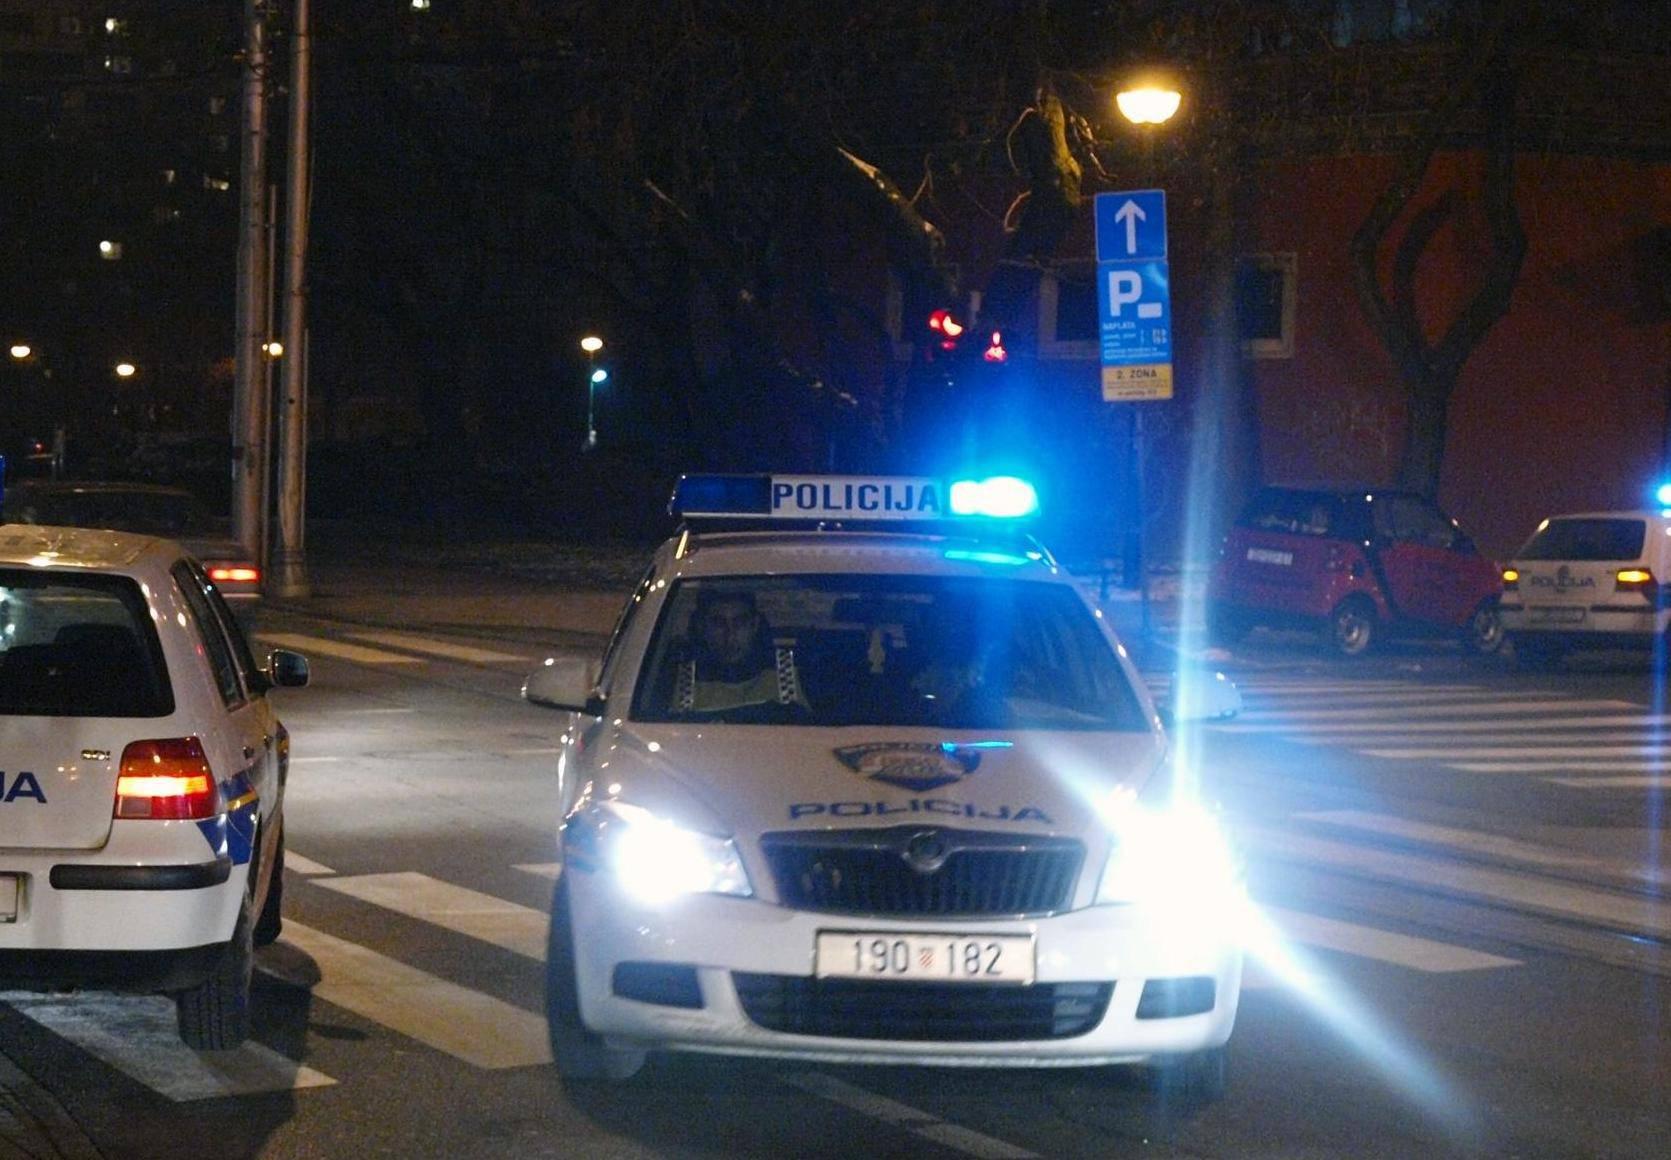 Tučnjava u noćnom klubu: Tri muškarca primljena u bolnicu